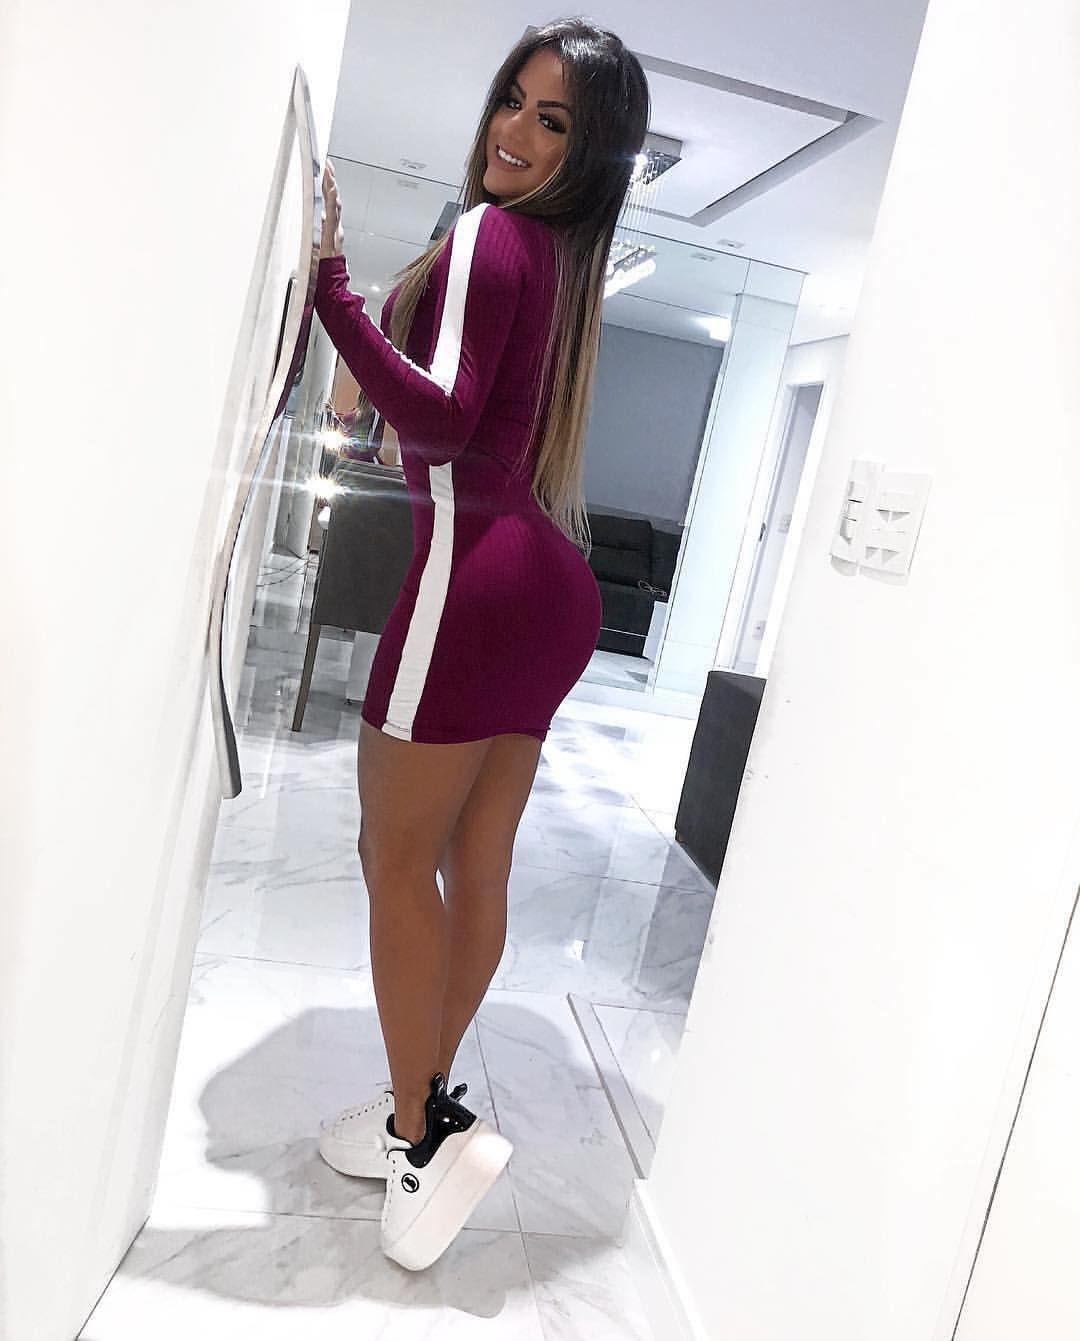 """Espaço Para Garotas on Instagram """"Tubinho ✨❤️ • @meuclosetdelook"""" is part of Fashion nova dress - 3,309 Likes, 23 Comments  Espaço Para Garotas (@espacoparagarotass) on Instagram """"Tubinho ✨❤️ • @meuclosetdelook"""""""